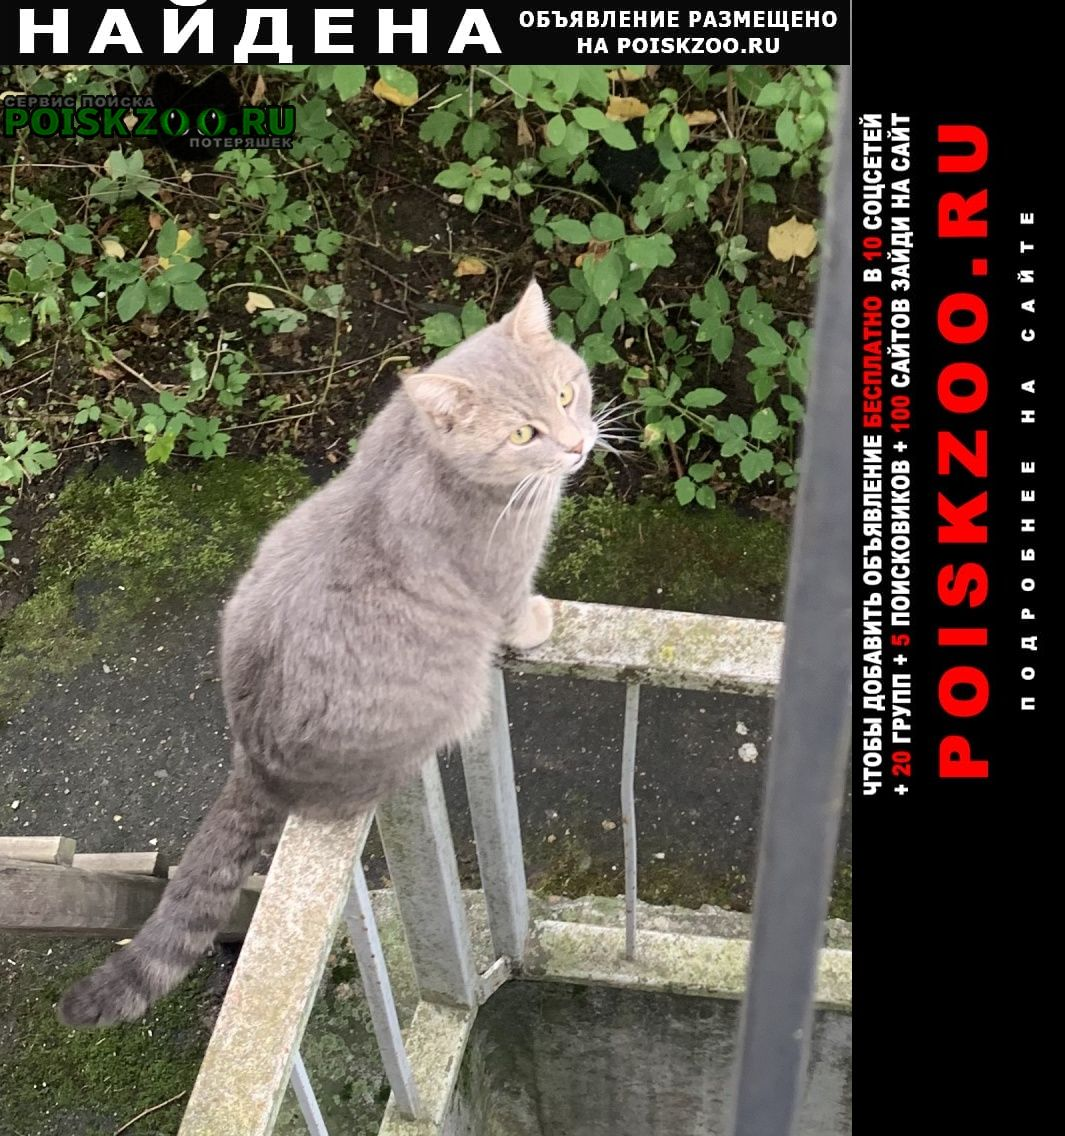 Найден кот Москва